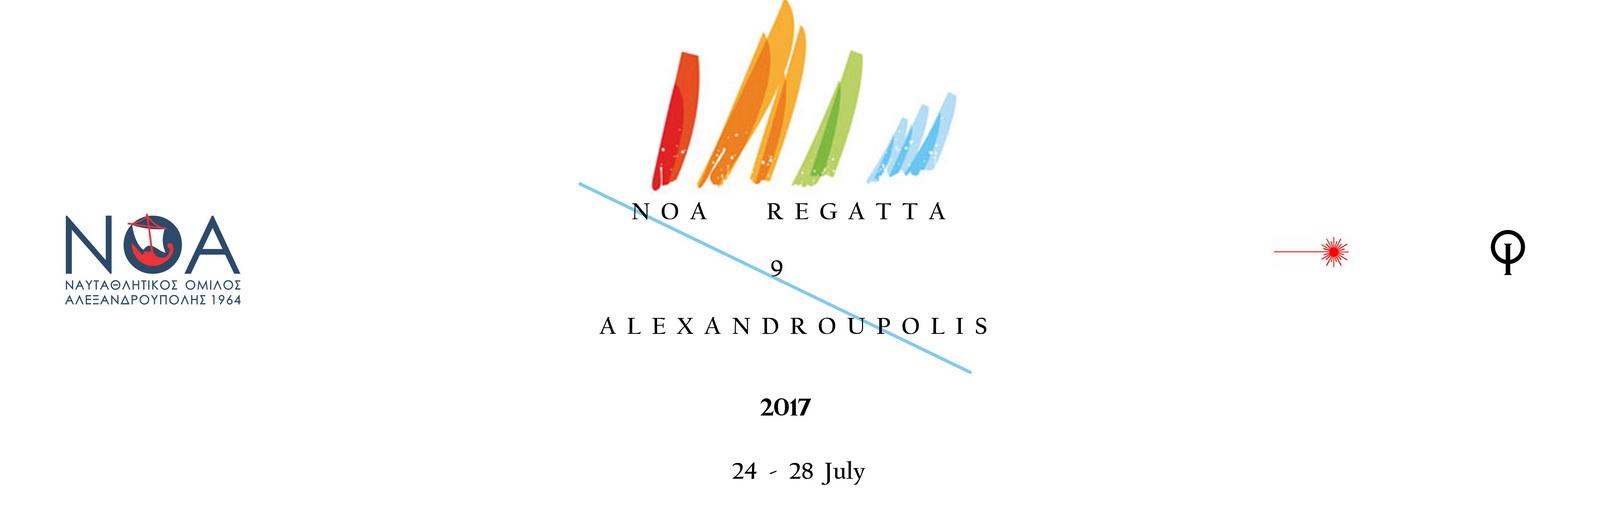 Έντονο ενδιαφέρον για την 9η NOA Regatta Alexandroupolis 2017